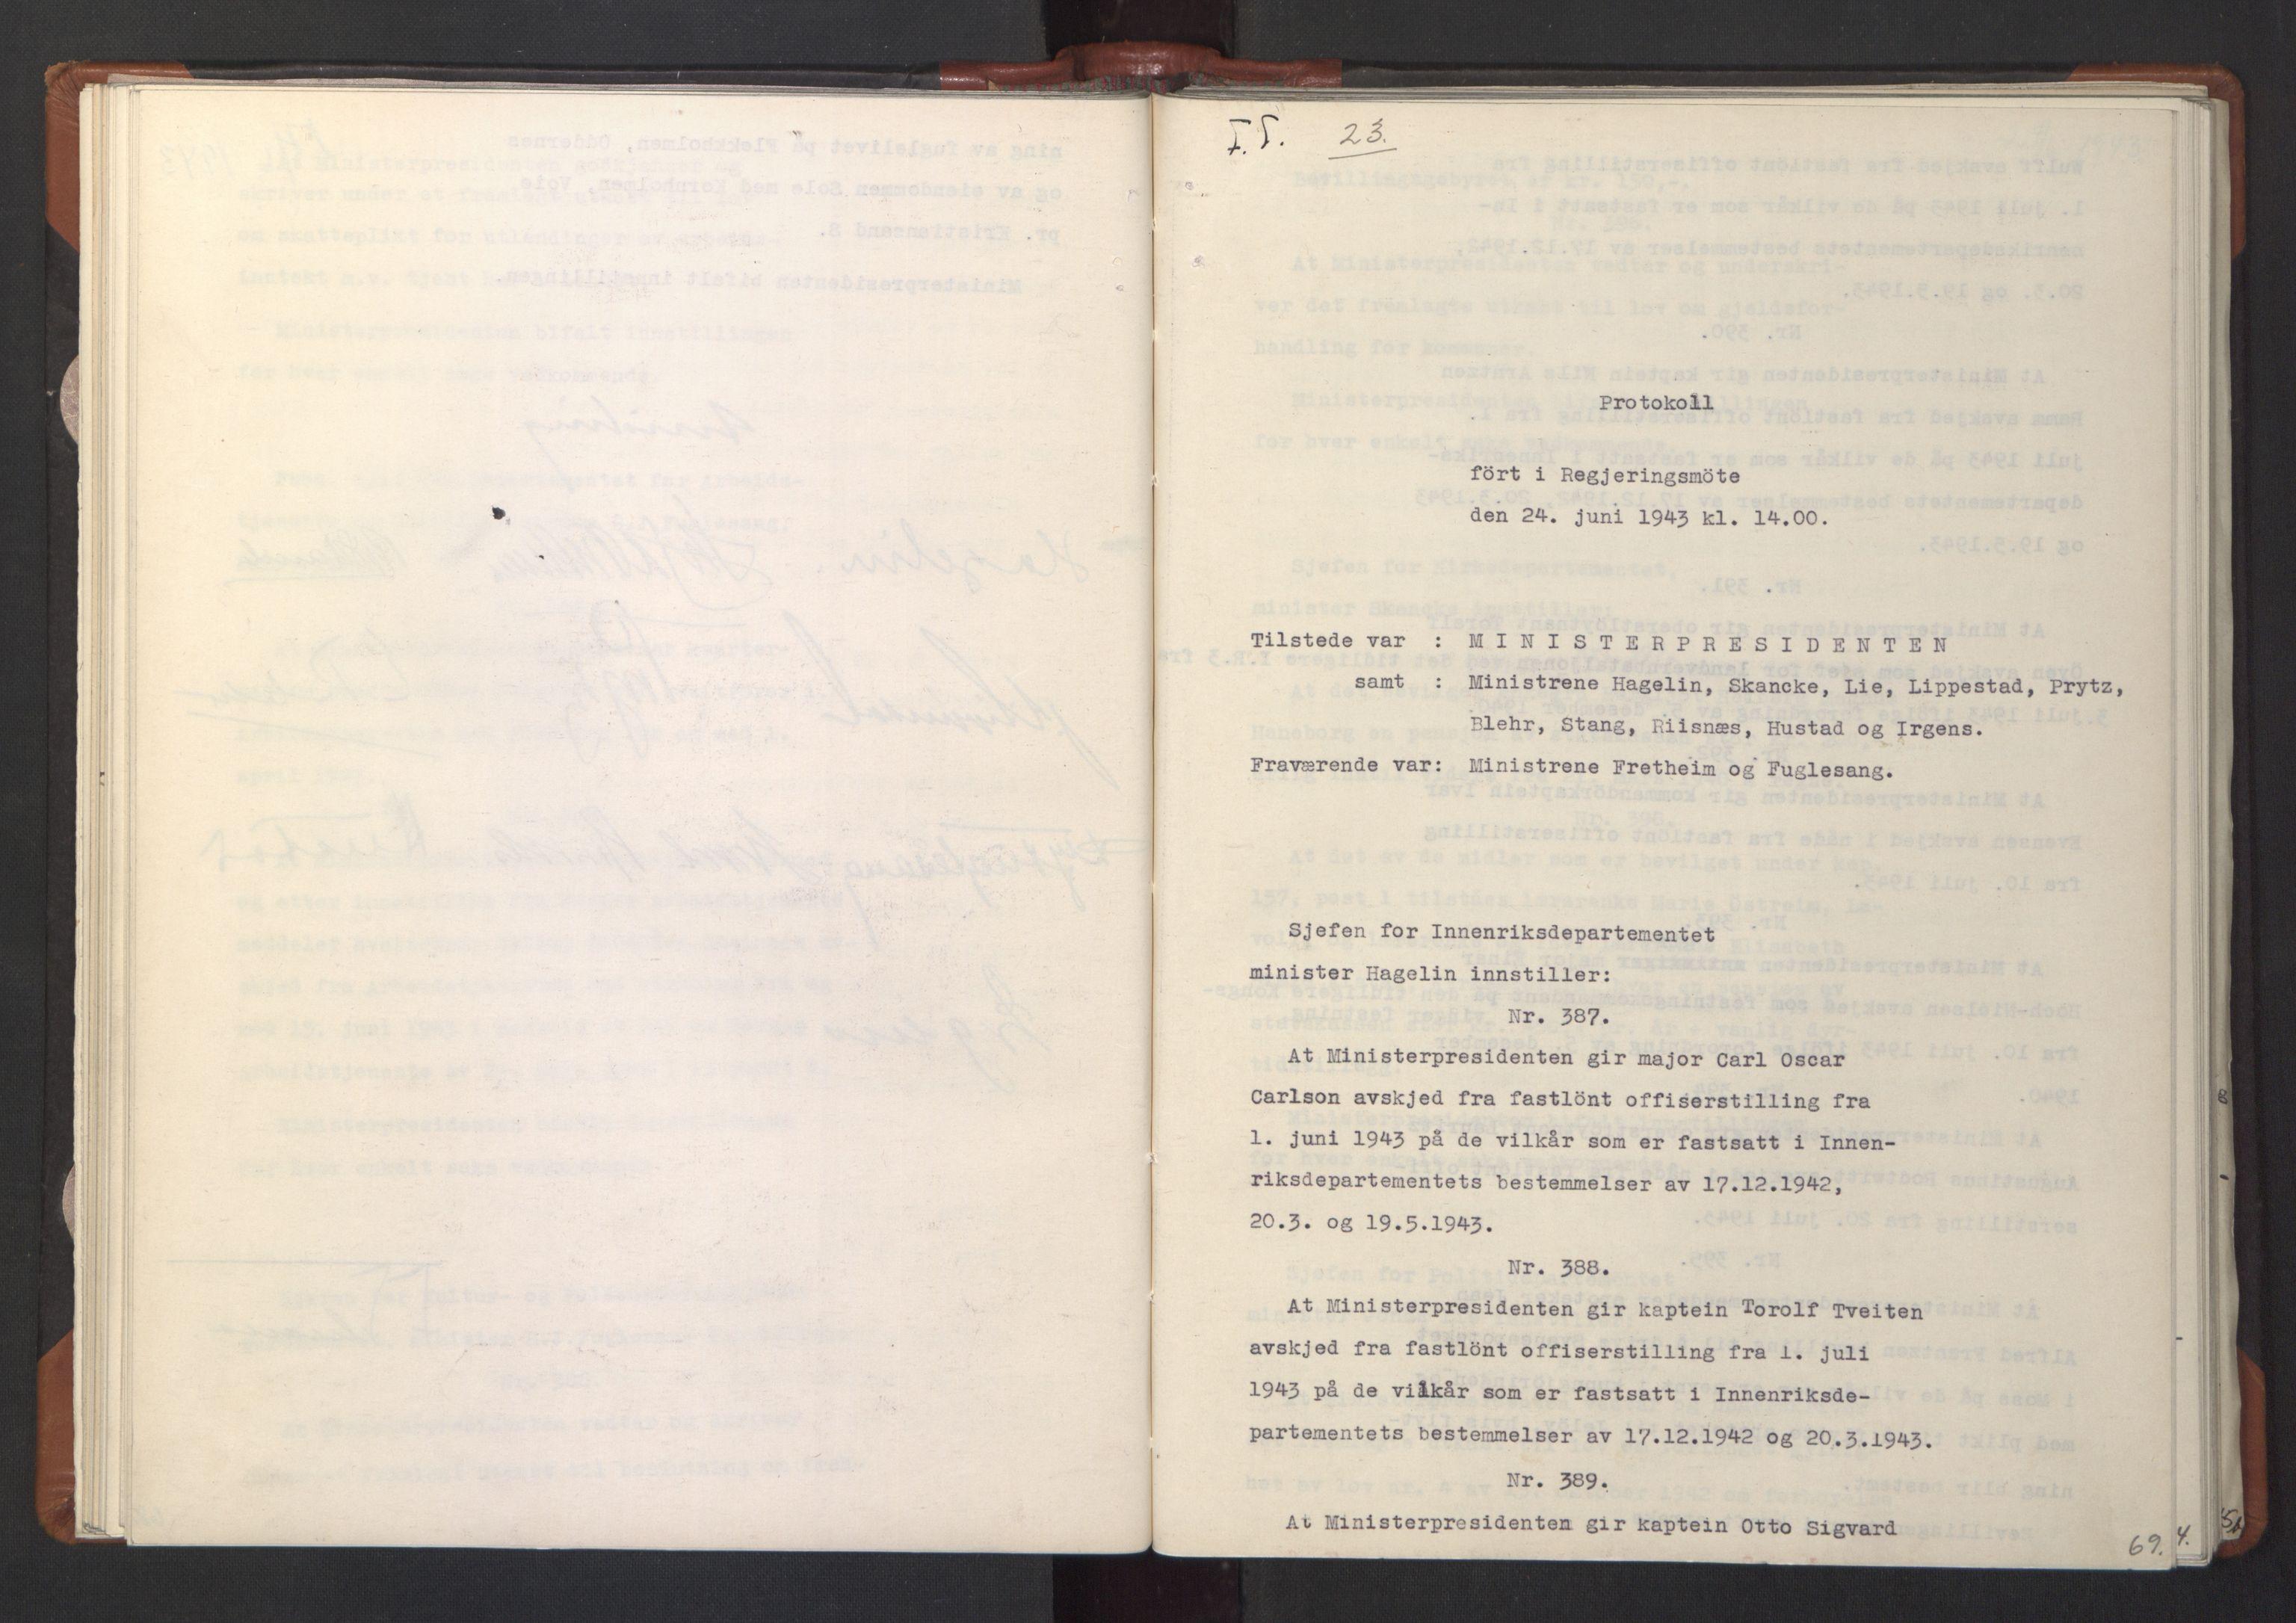 RA, NS-administrasjonen 1940-1945 (Statsrådsekretariatet, de kommisariske statsråder mm), D/Da/L0003: Vedtak (Beslutninger) nr. 1-746 og tillegg nr. 1-47 (RA. j.nr. 1394/1944, tilgangsnr. 8/1944, 1943, s. 68b-69a